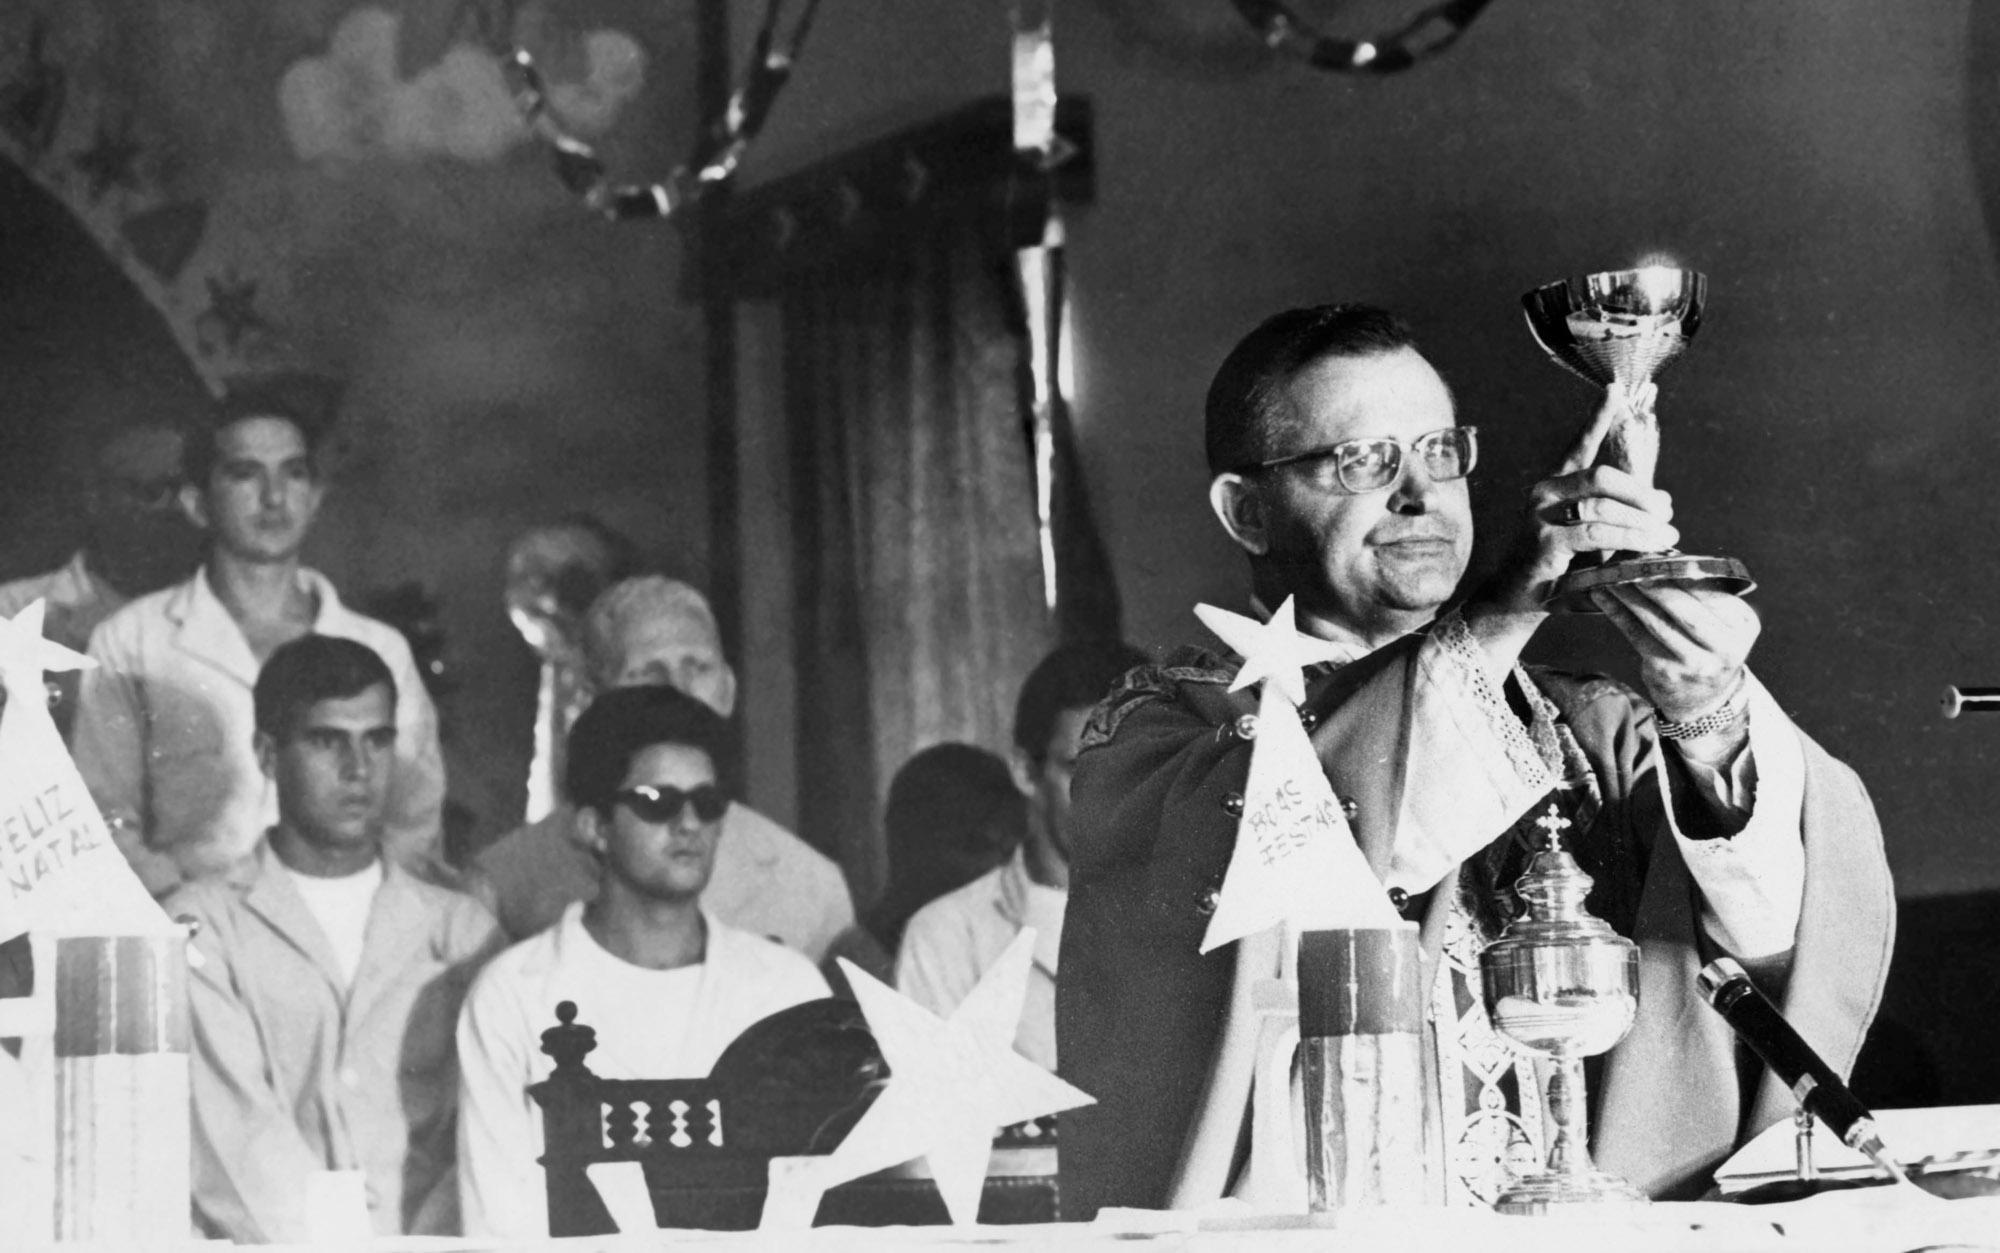 O então Bispo Auxiliar da Zona Norte de São Paulo, Dom Paulo Evaristo Arns, durante missa de fim de ano no Pavilhão 3 da Penitenciária do Carandiru, em São Paulo, em dezembro de 1968